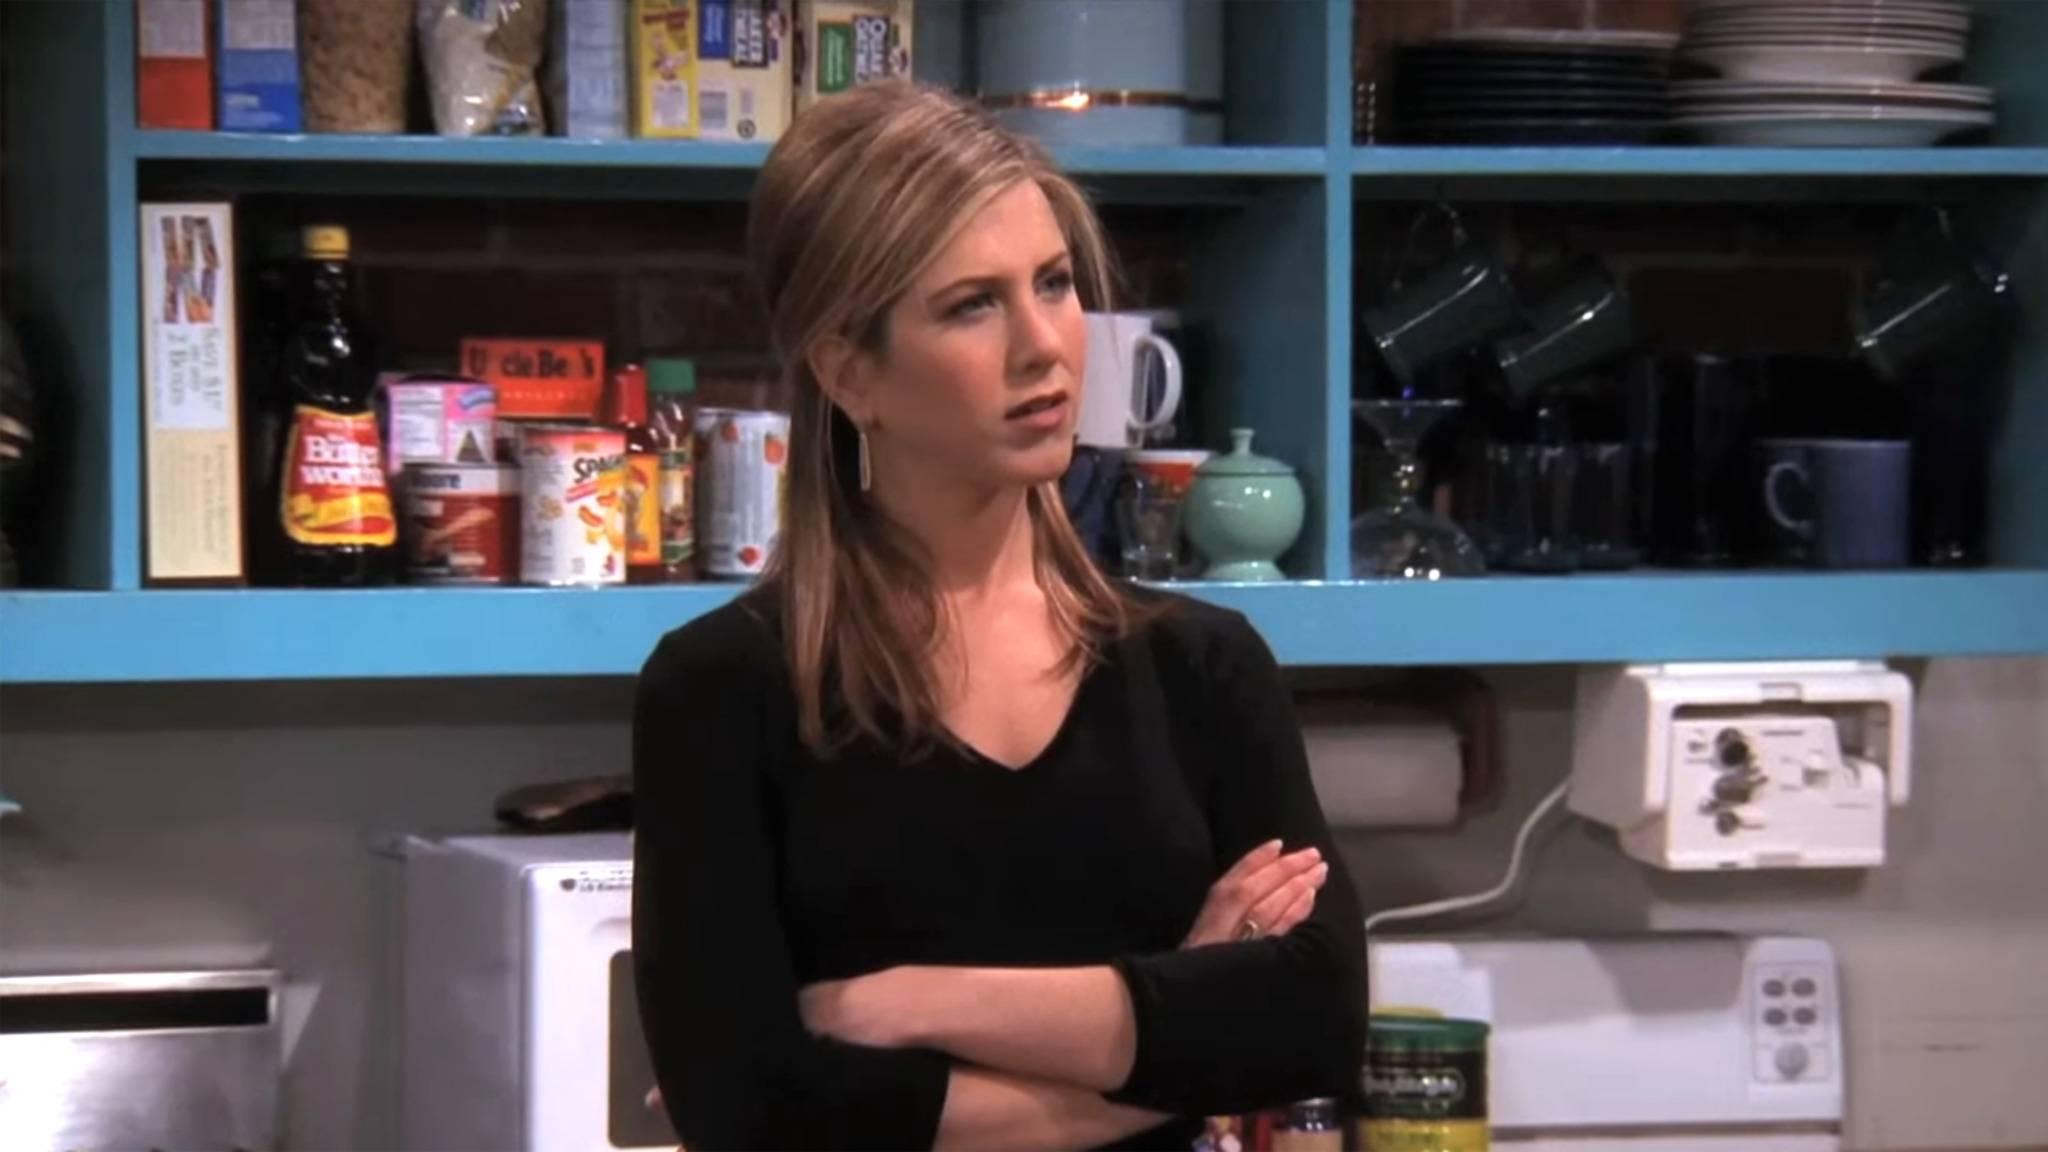 Jennifer Aniston scheint von der exorbitant hohen Mitgliedssteuer auch nicht begeistert zu sein.